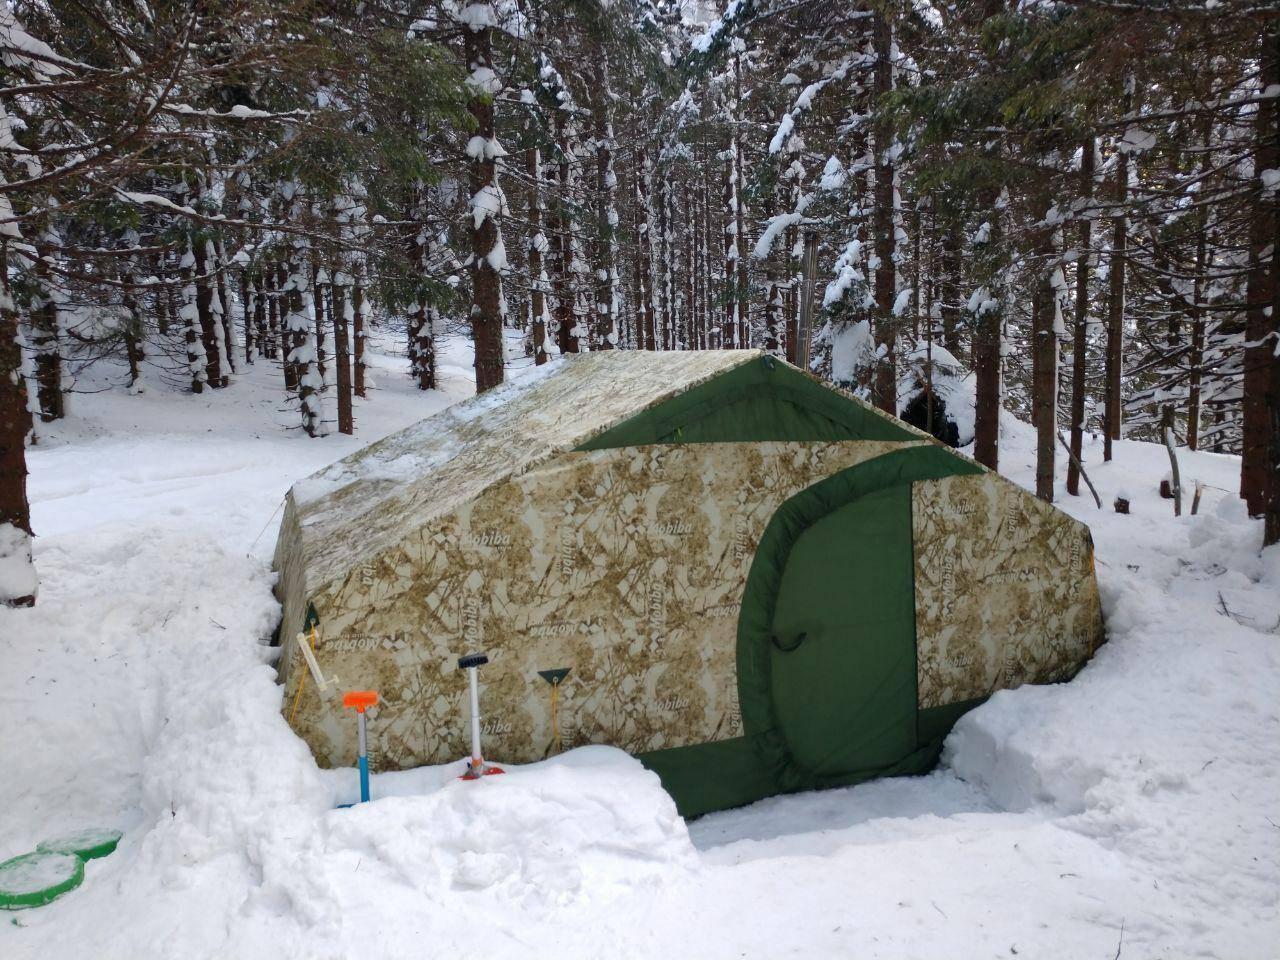 Обогрев палатки зимой – 5 действенных способов [2019]